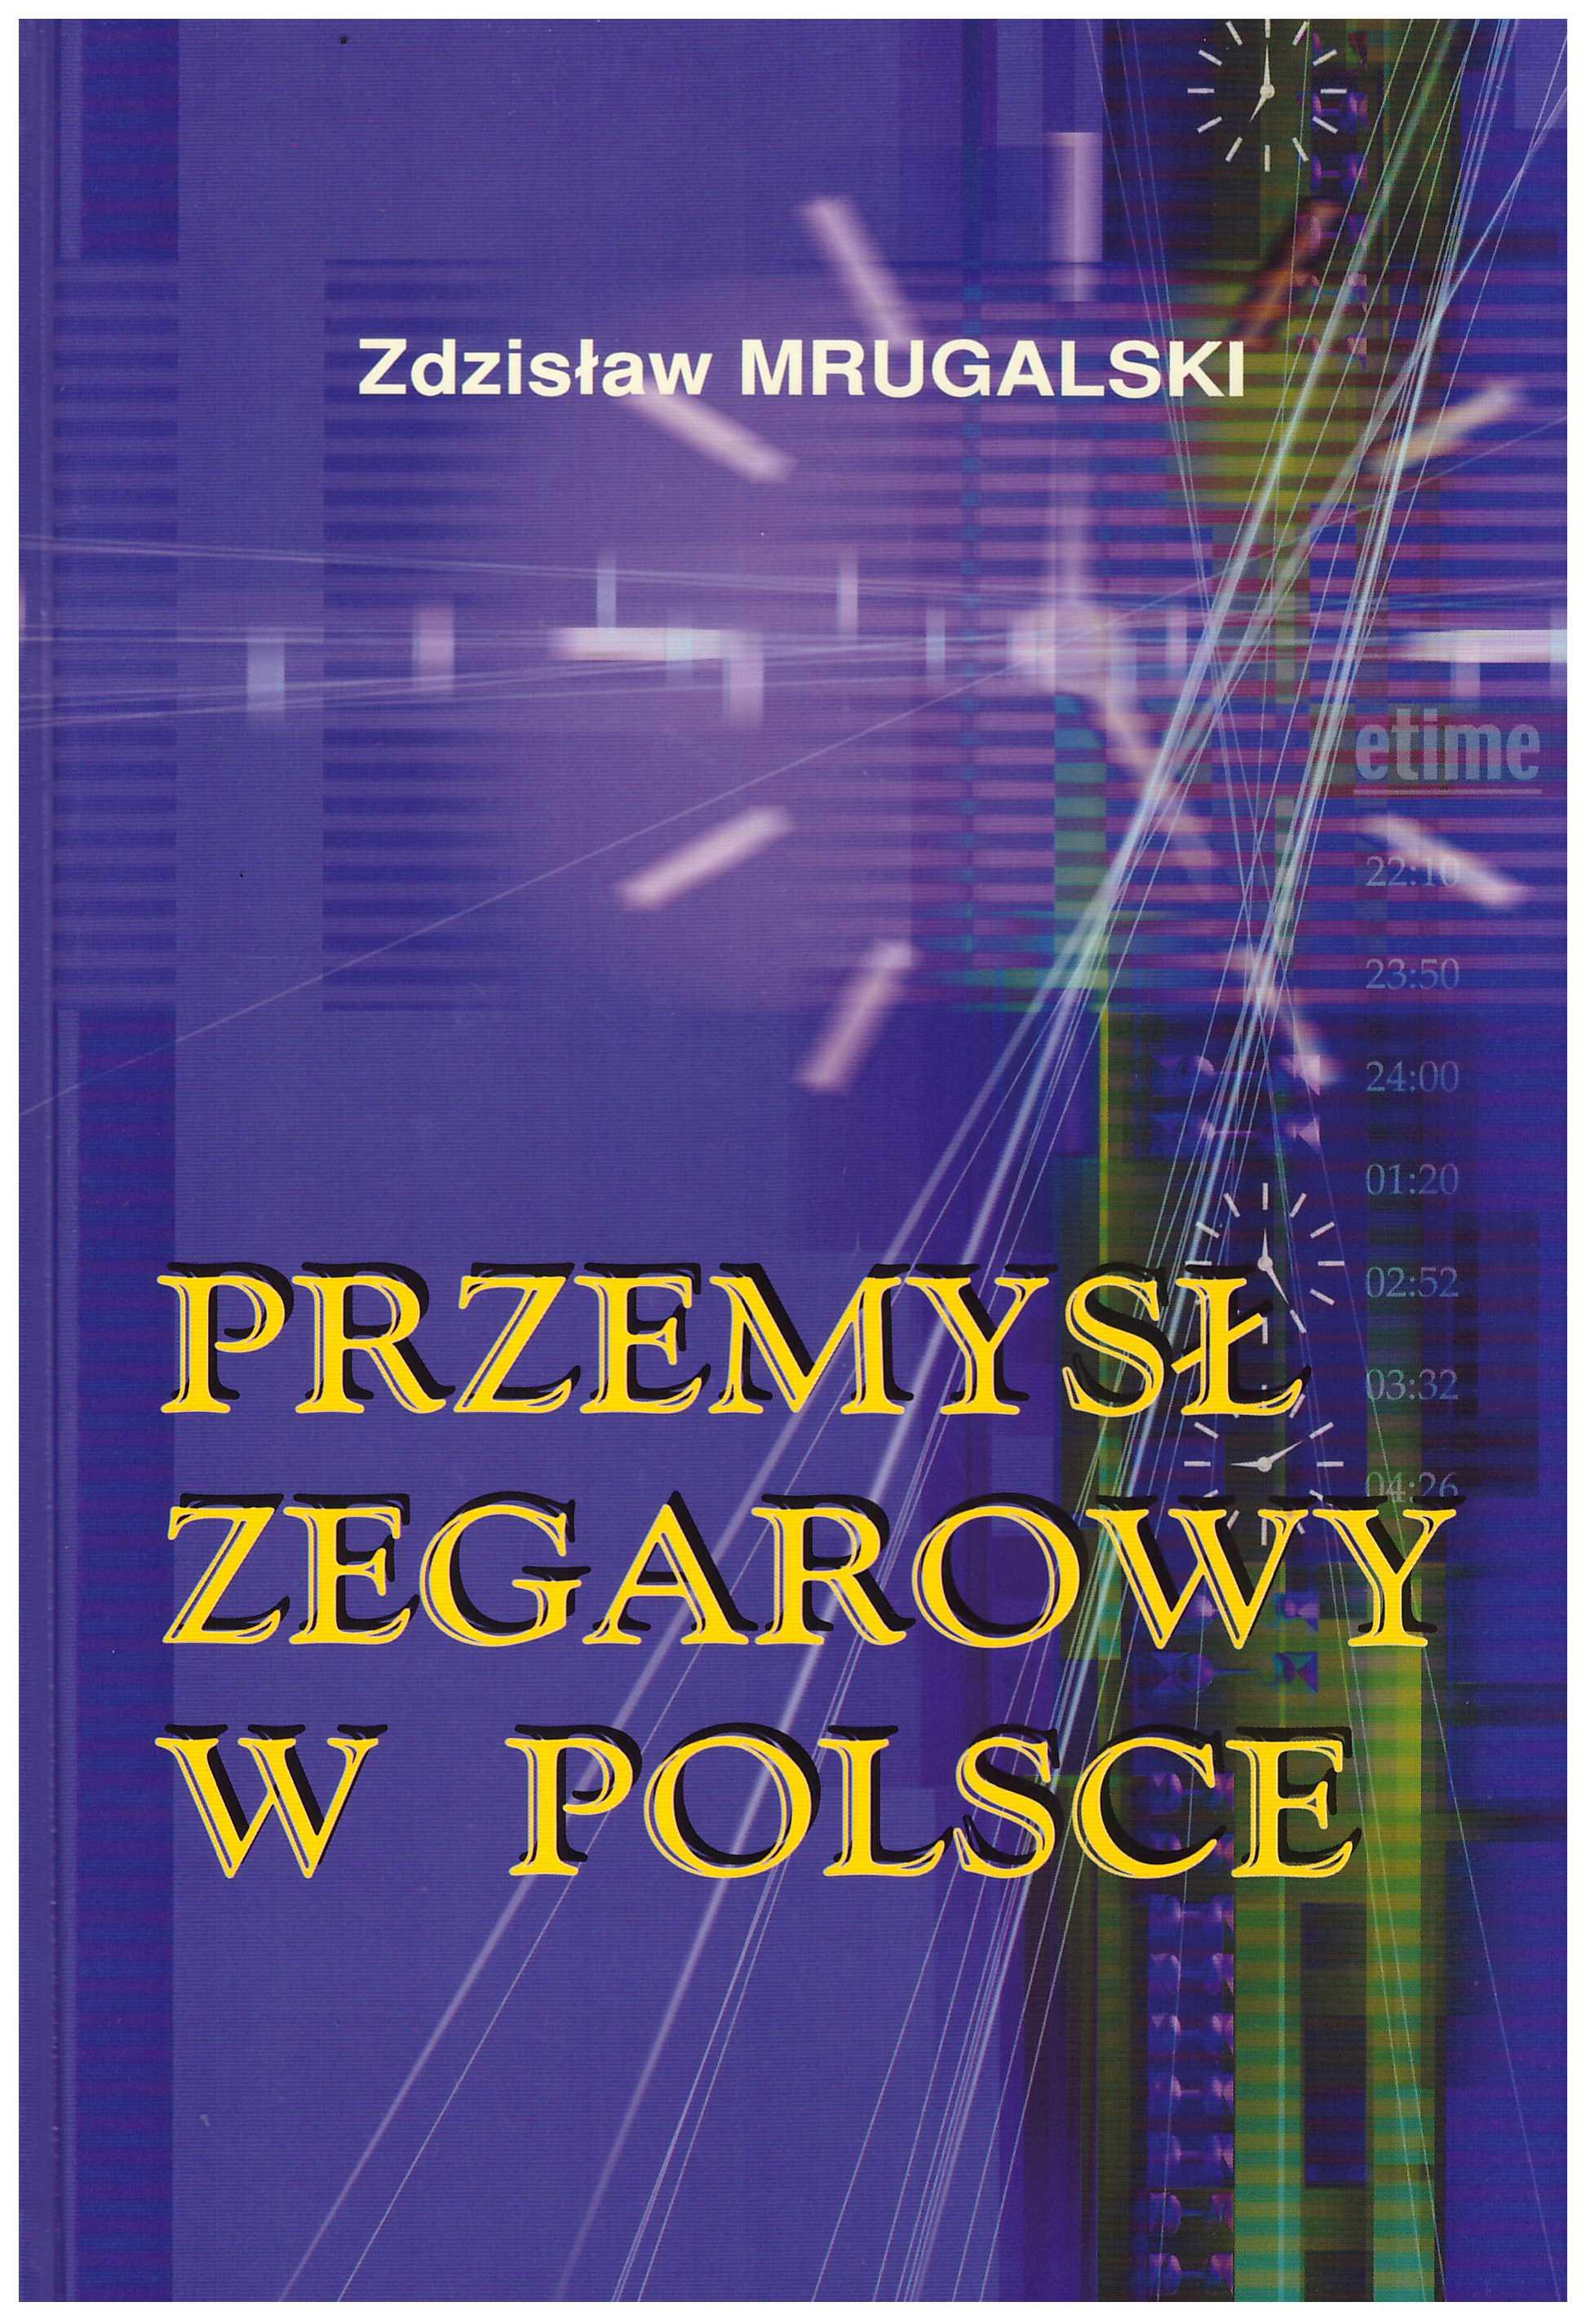 Prof. Zdzisław Mrugalski